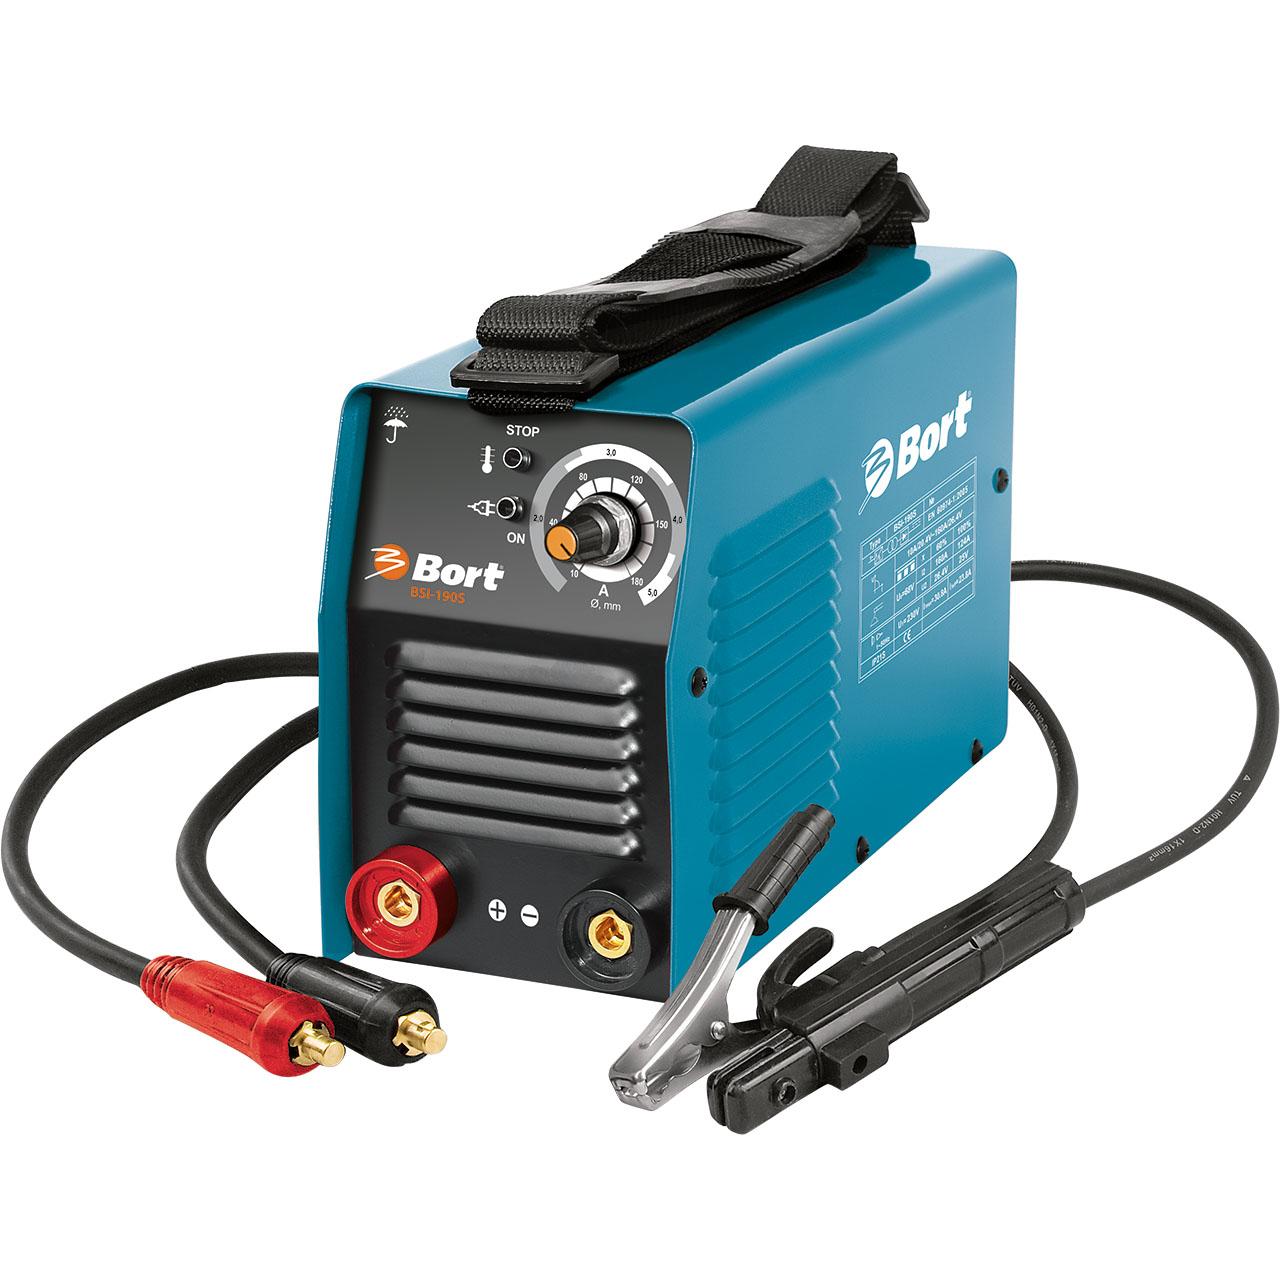 Сварочный аппарат инверторный Bort BSI-190S98297119Сварочный инверторный аппарат Bort BSI-190S - идеальный аппарат для электросварки. Малый вес, размеры, возможность легкой переноски - имеется ремень, - всё это делают этот инвертор одним из самых популярных не только при строительных и ремонтных работах, но и на даче, в гараже, небольших мастерских. Отличительной чертой сварочных инверторов Bort является их уникальная возможность работать при пониженном входном напряжении, а это очень частовстречается не только в отдаленных районах, но и на дачных массивах, гаражах. Сварочный инверторный аппарат Bort BSI-190S может работать при колебаниях напряжения от 160 до 260Вольт. Широкий диапазон регировки тока, защита от перегрева, автоматические функции регулирования и поддержания сварочной дуги делают этот аппарат одним из самых популярных.